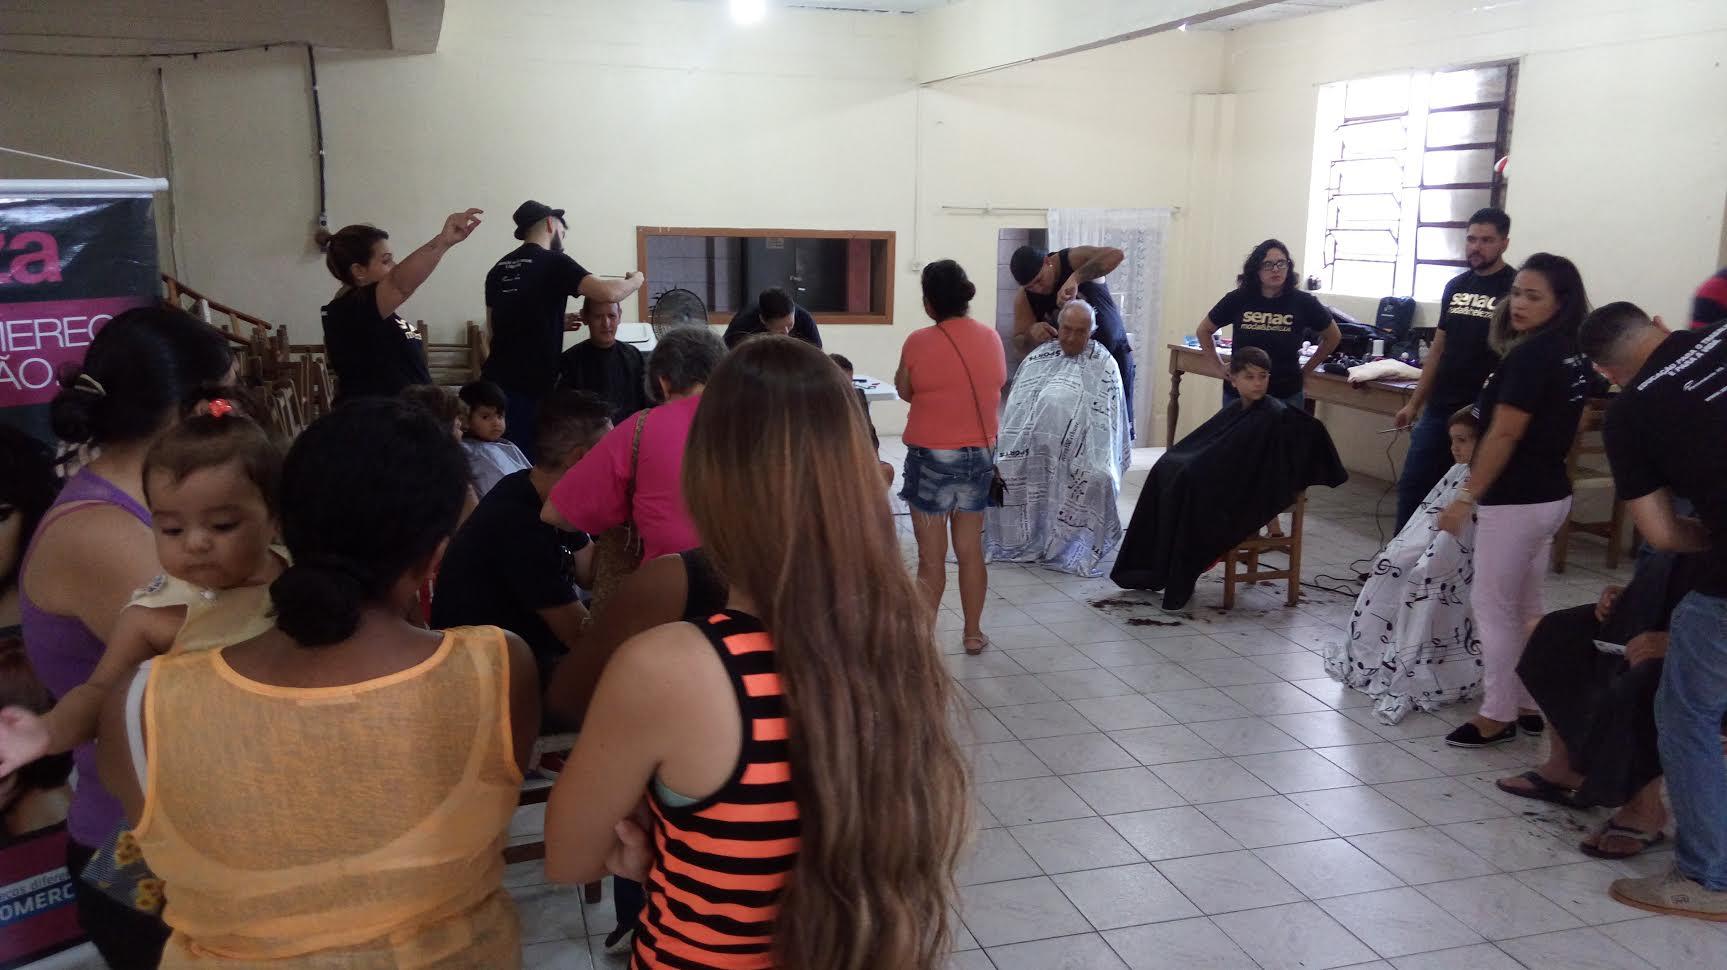 Um dos atrativos no evento foi o corte de cabelo gratuito